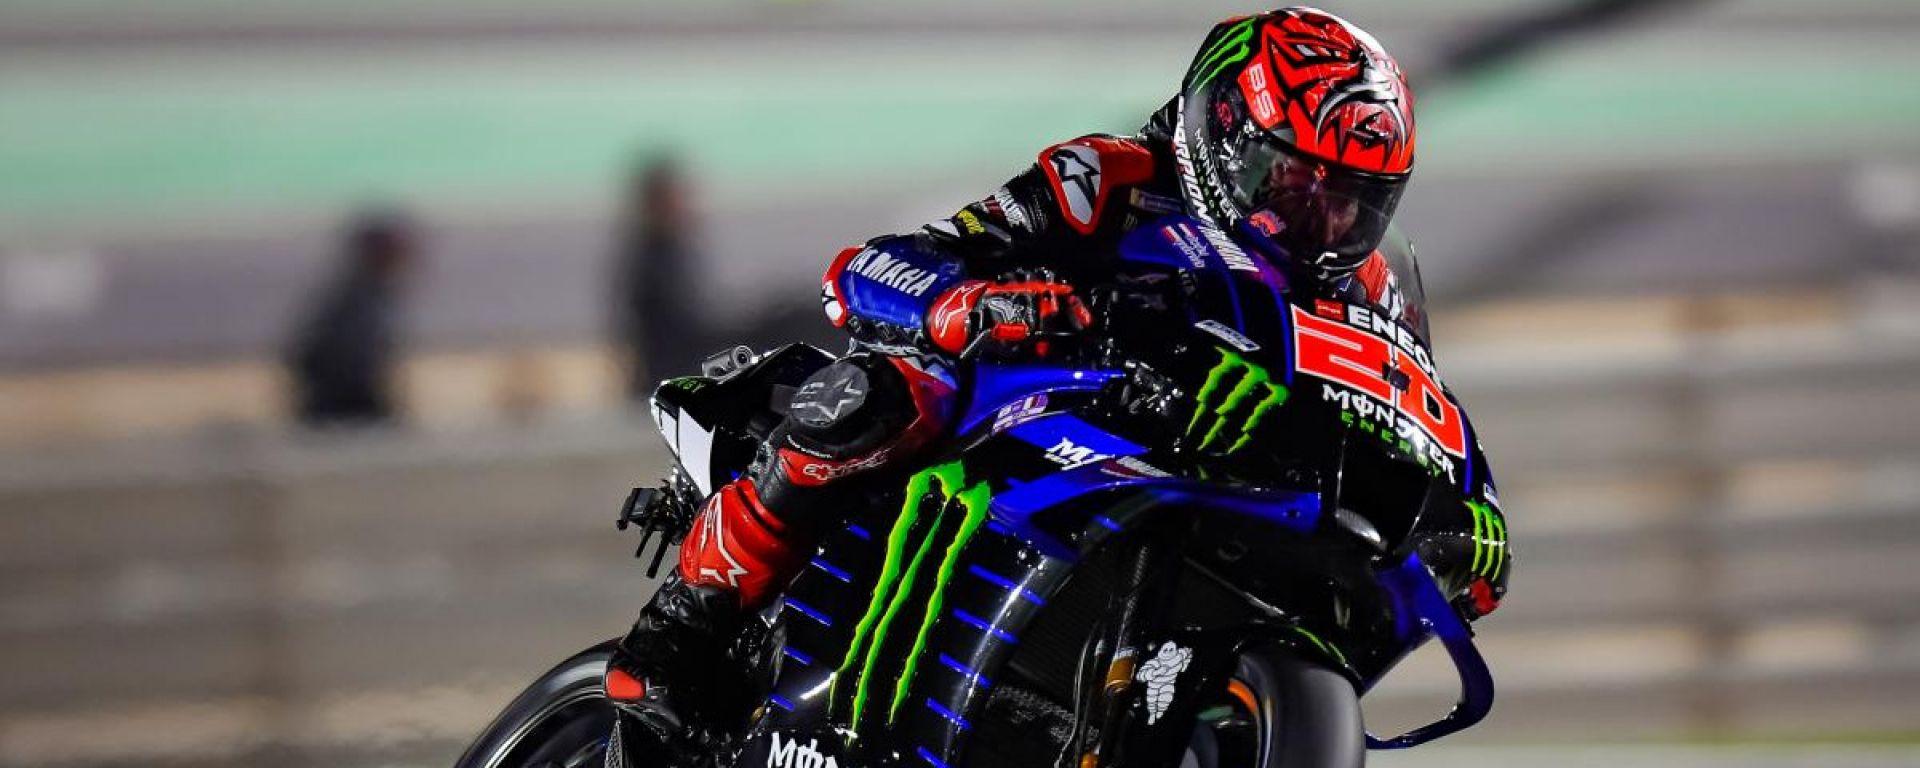 Fabio Quartararo (Yamaha)